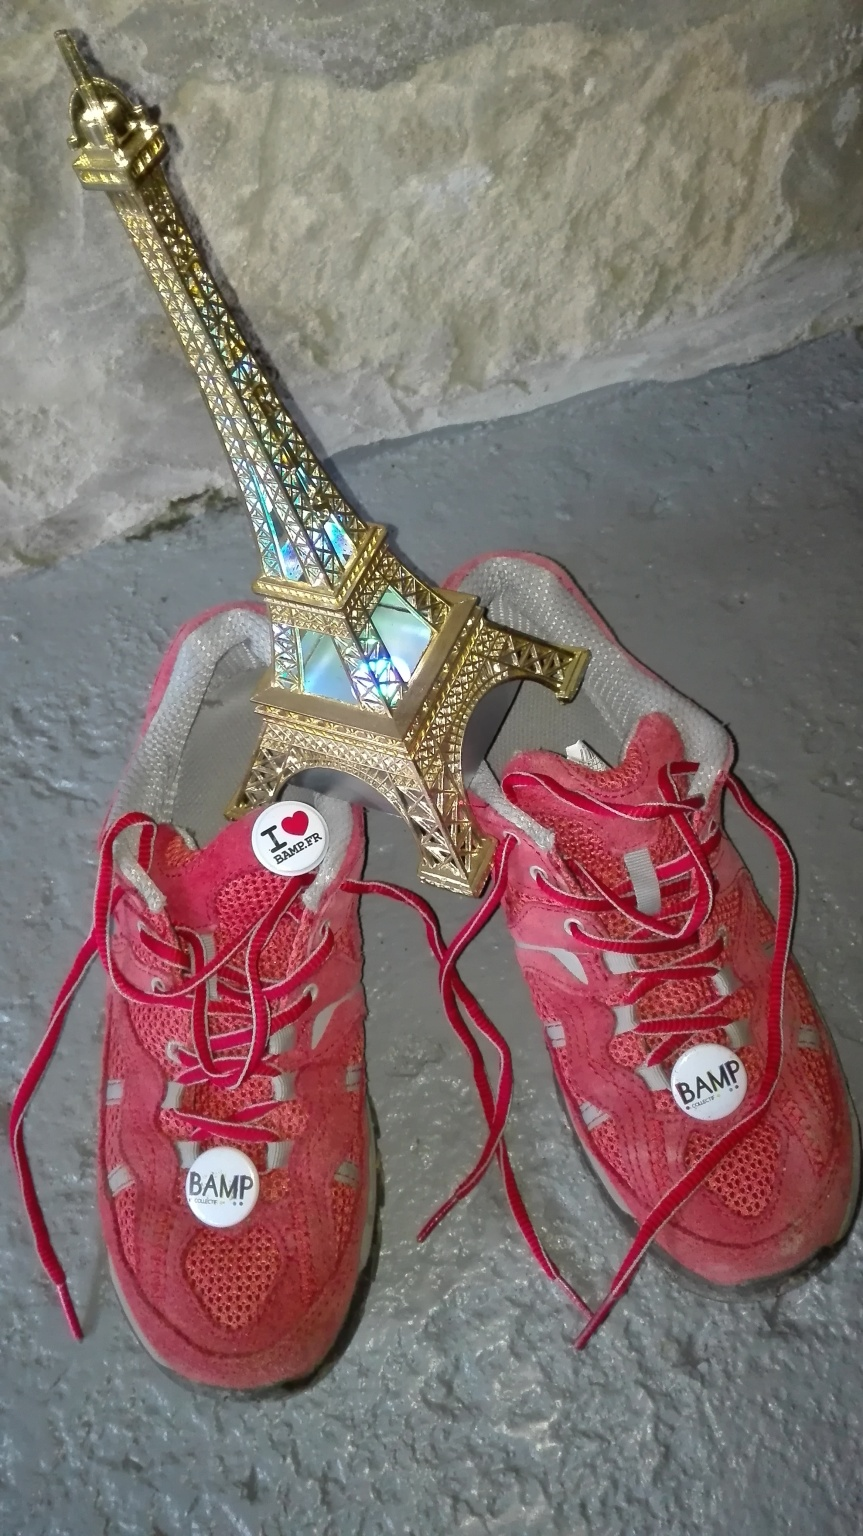 Courez La Parisienne aux couleurs de l'association COLLECTIF BAMP!